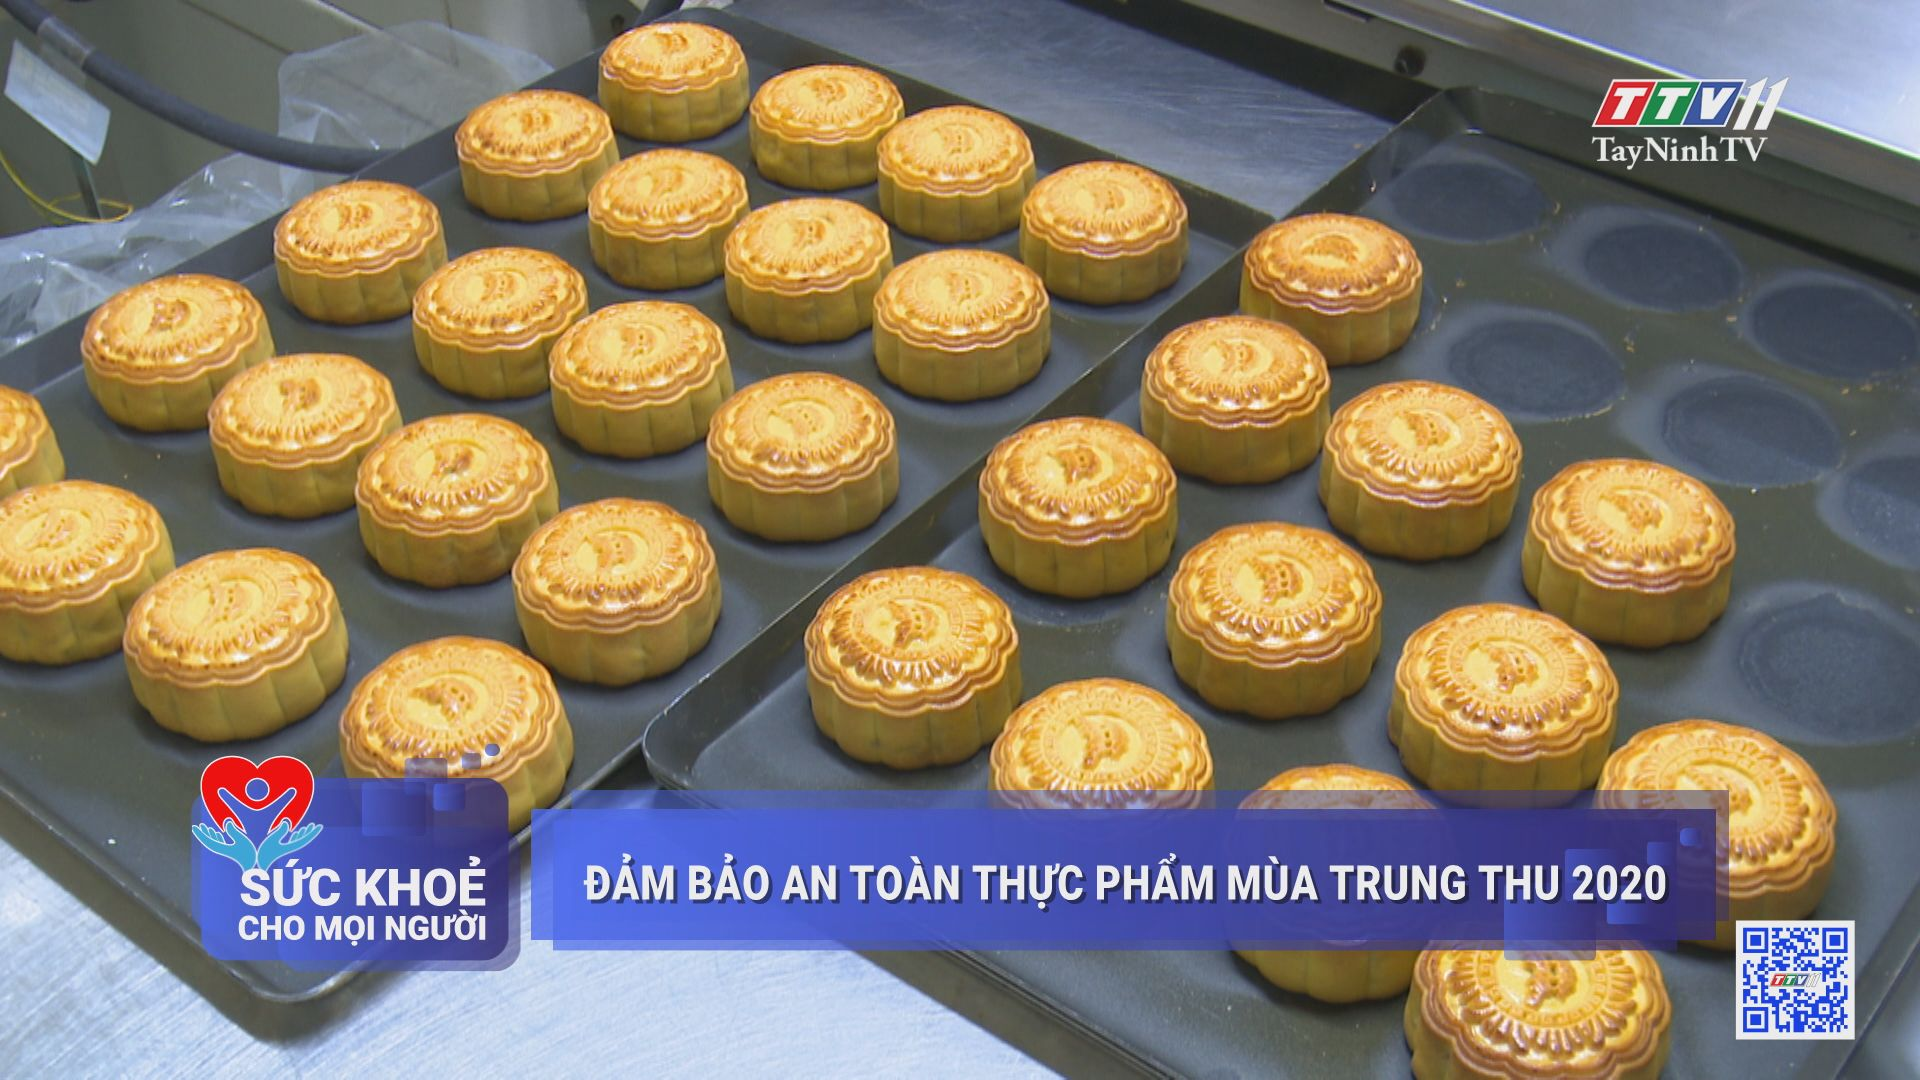 Đảm bảo an toàn thực phẩm mùa Trung thu 2020 | SỨC KHỎE CHO MỌI NGƯỜI | TayNinhTV